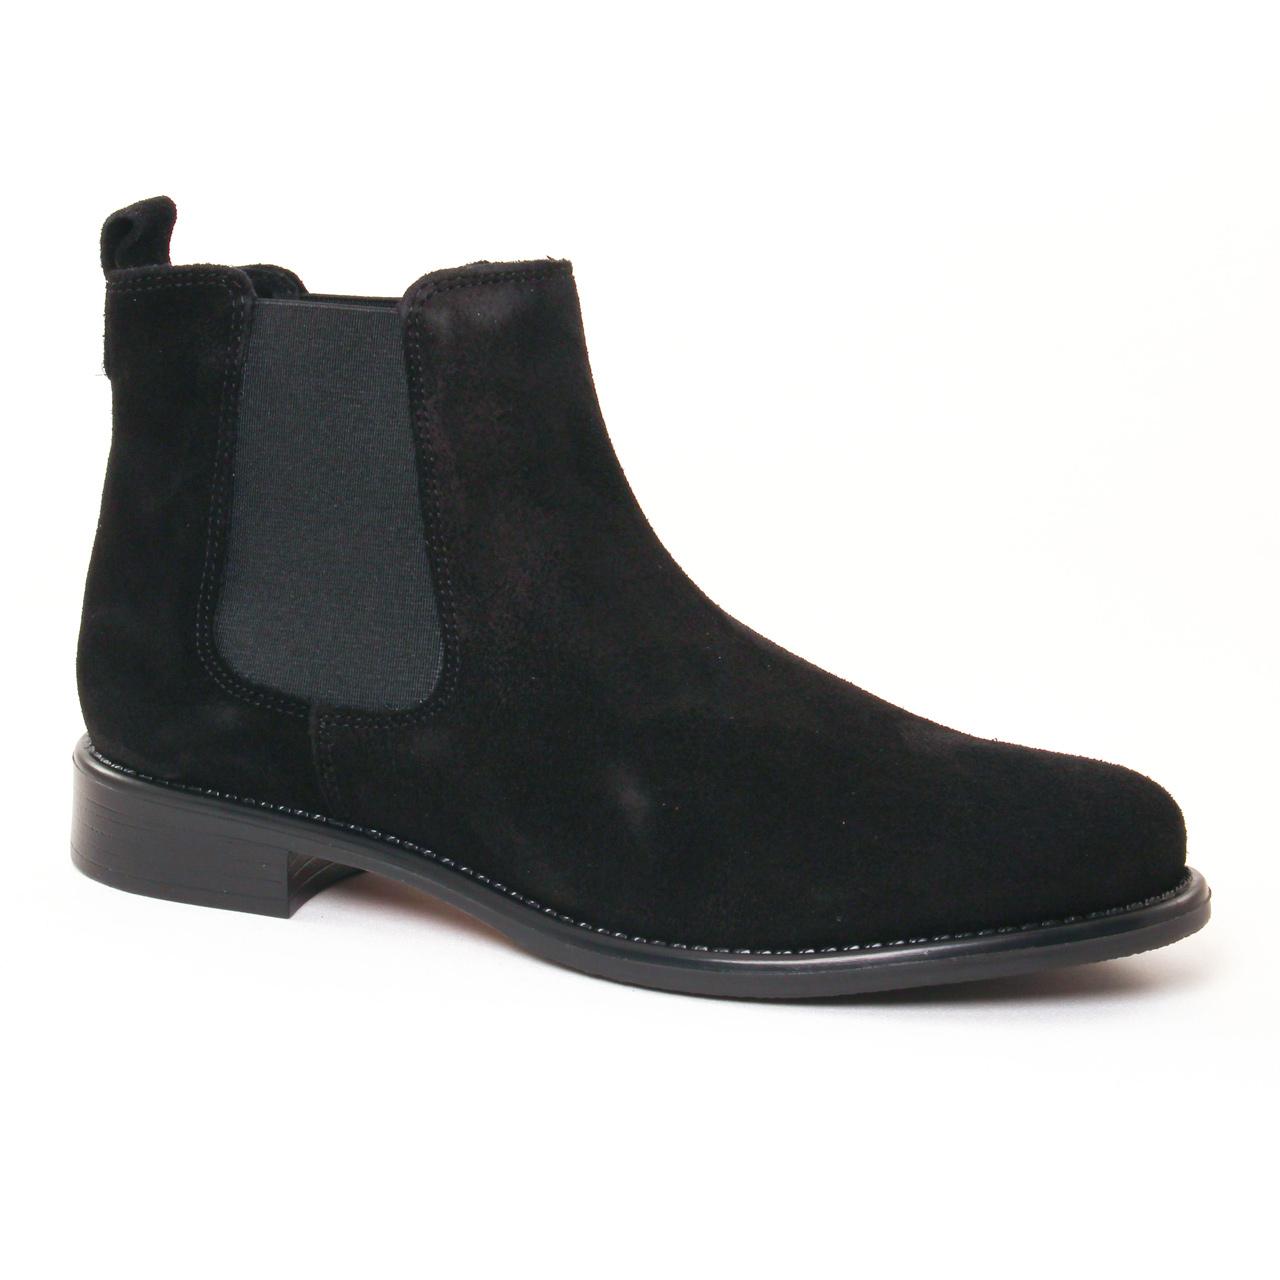 scarlatine 77545 k noir | boot élastiquées noir automne hiver 2017